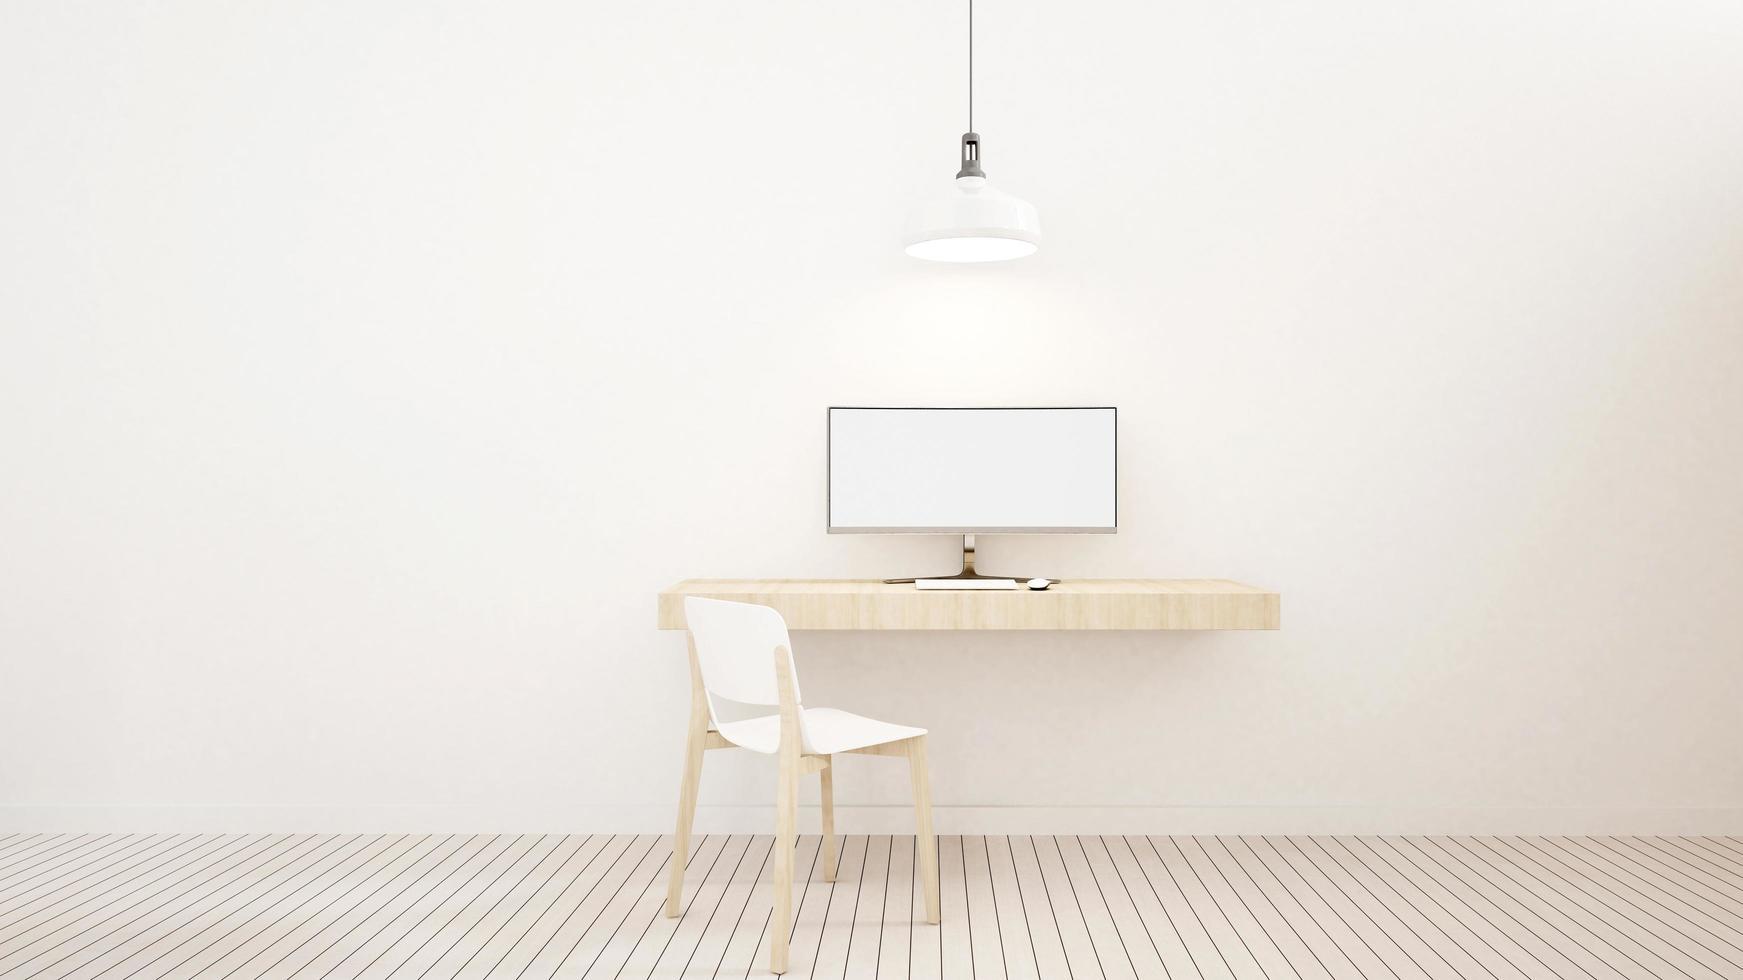 ton blanc de l'espace de travail dans la maison ou l'appartement photo